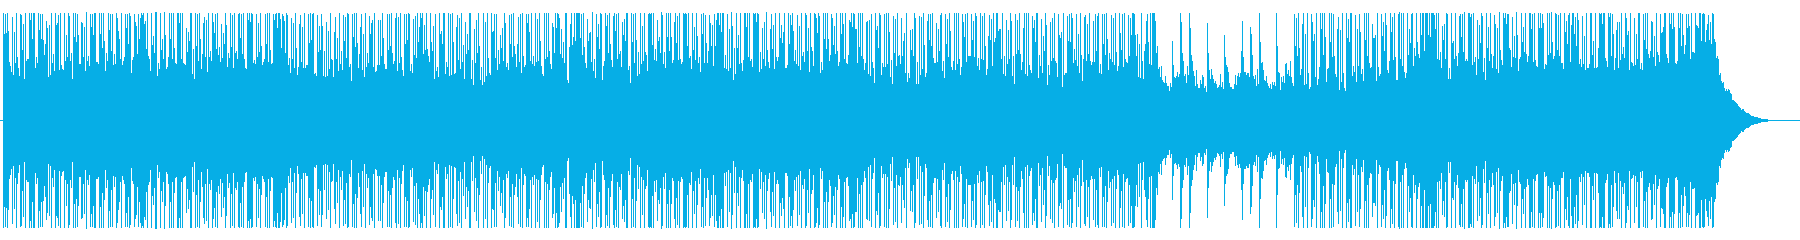 若々しく疾走感ある元気なピアノロックの再生済みの波形